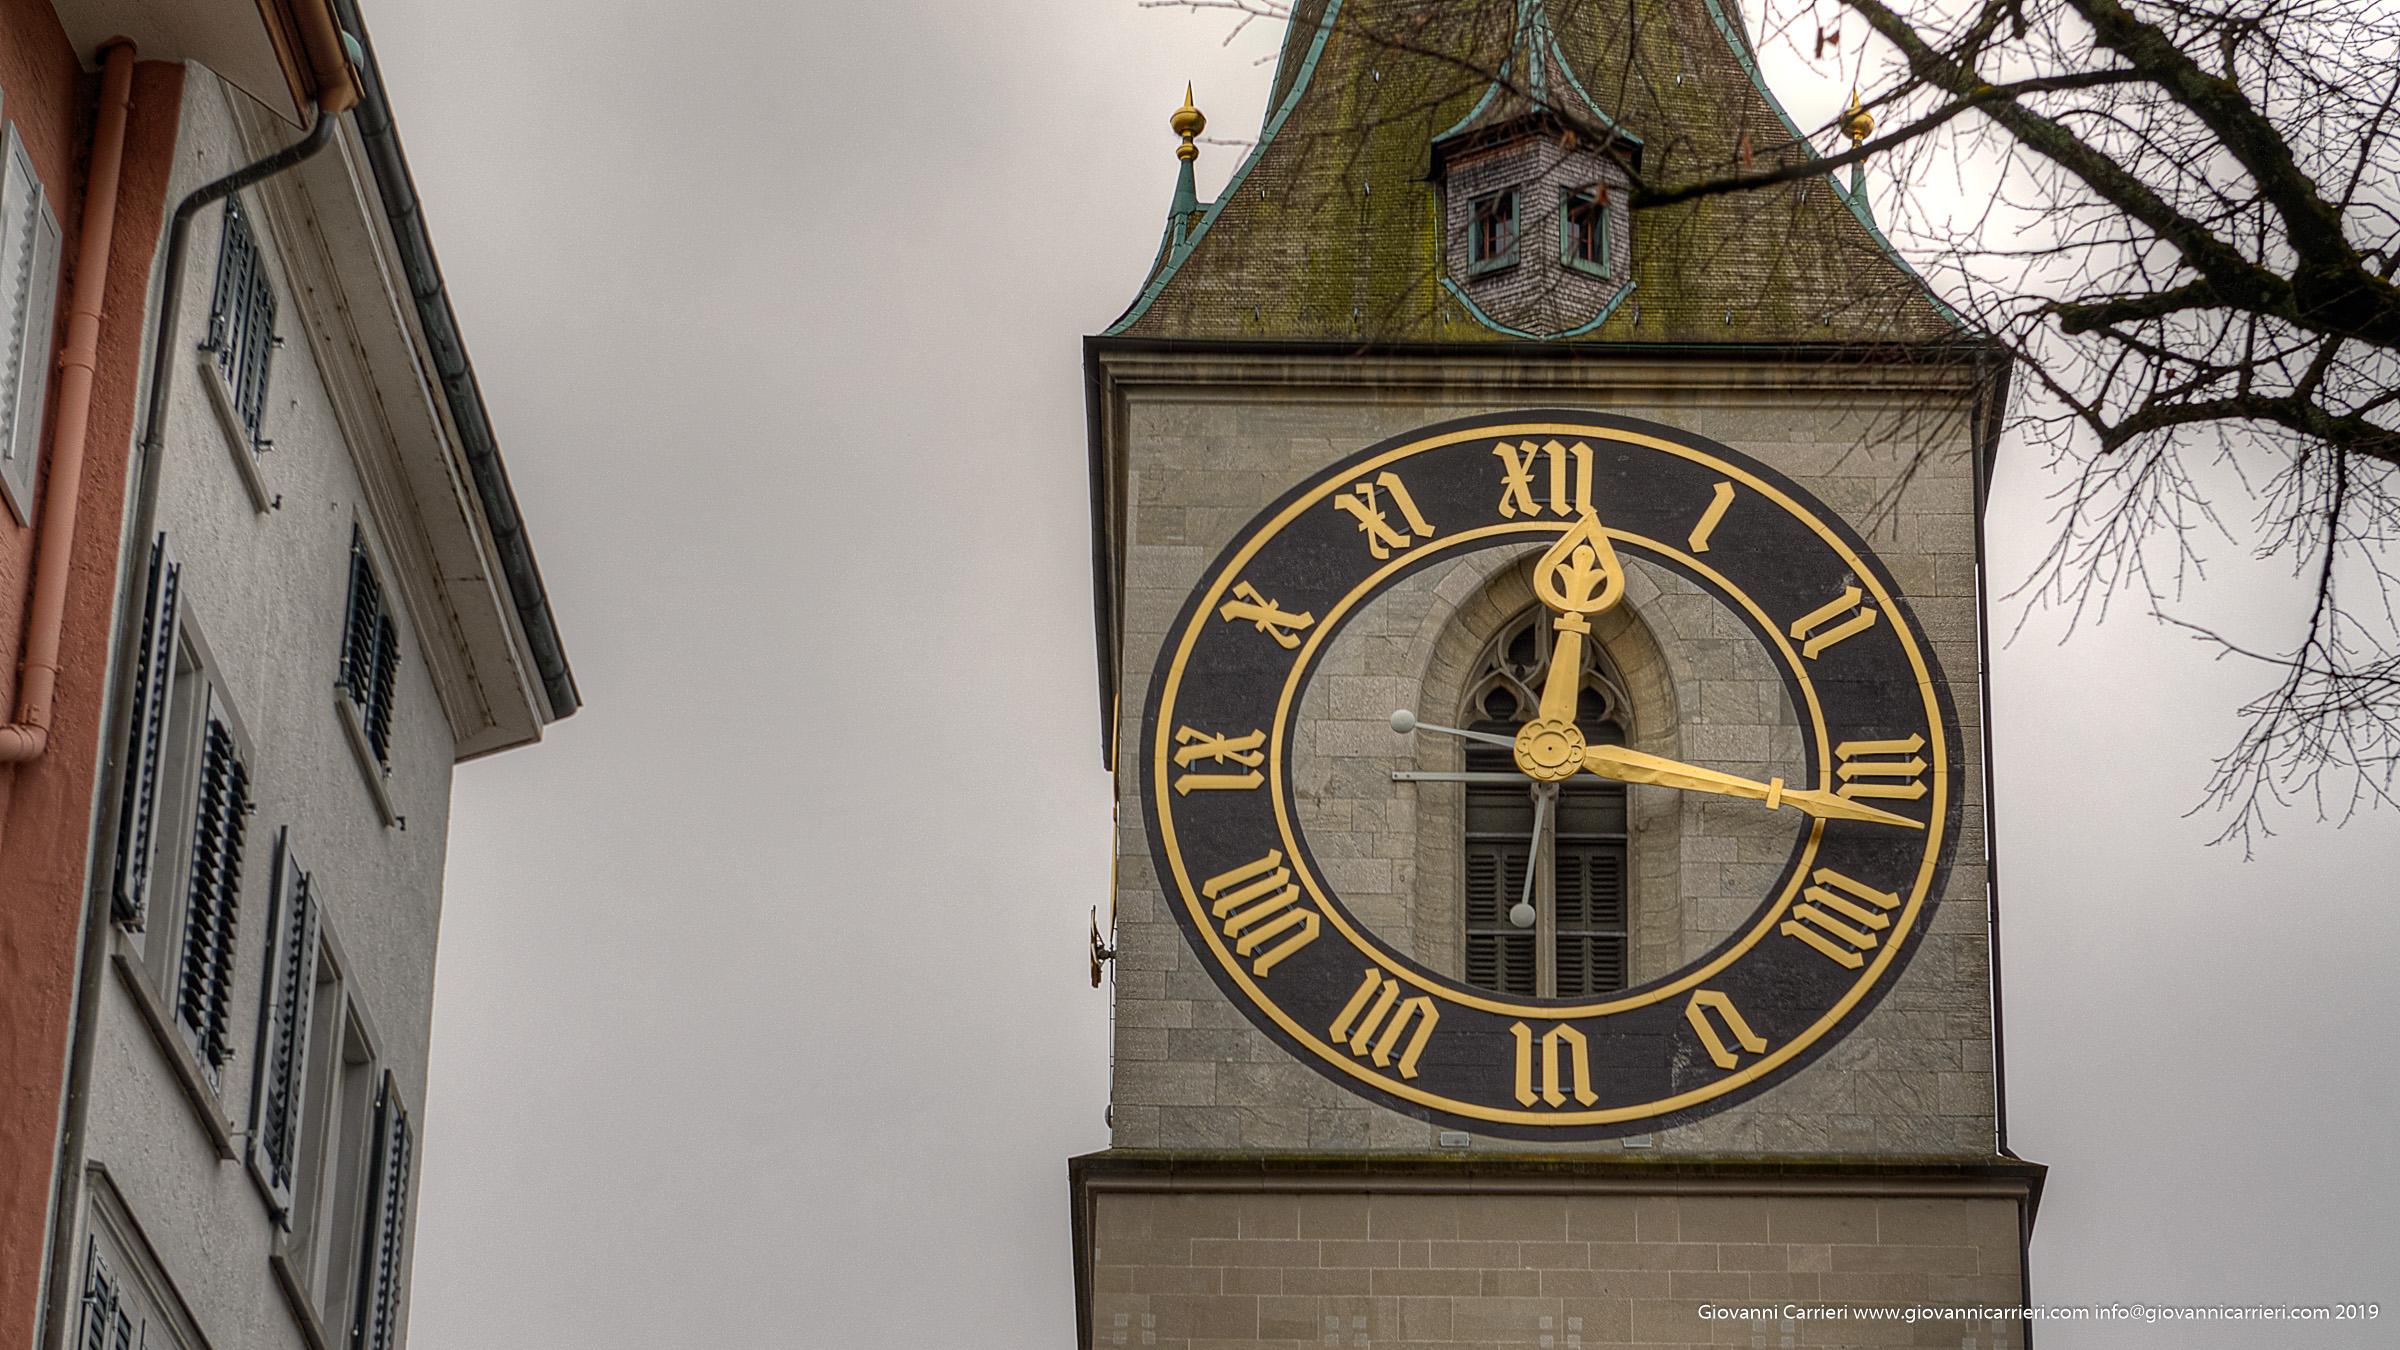 Il campanile con il più grande quadrante d'orologio d'europa - San Pietro Zurigo